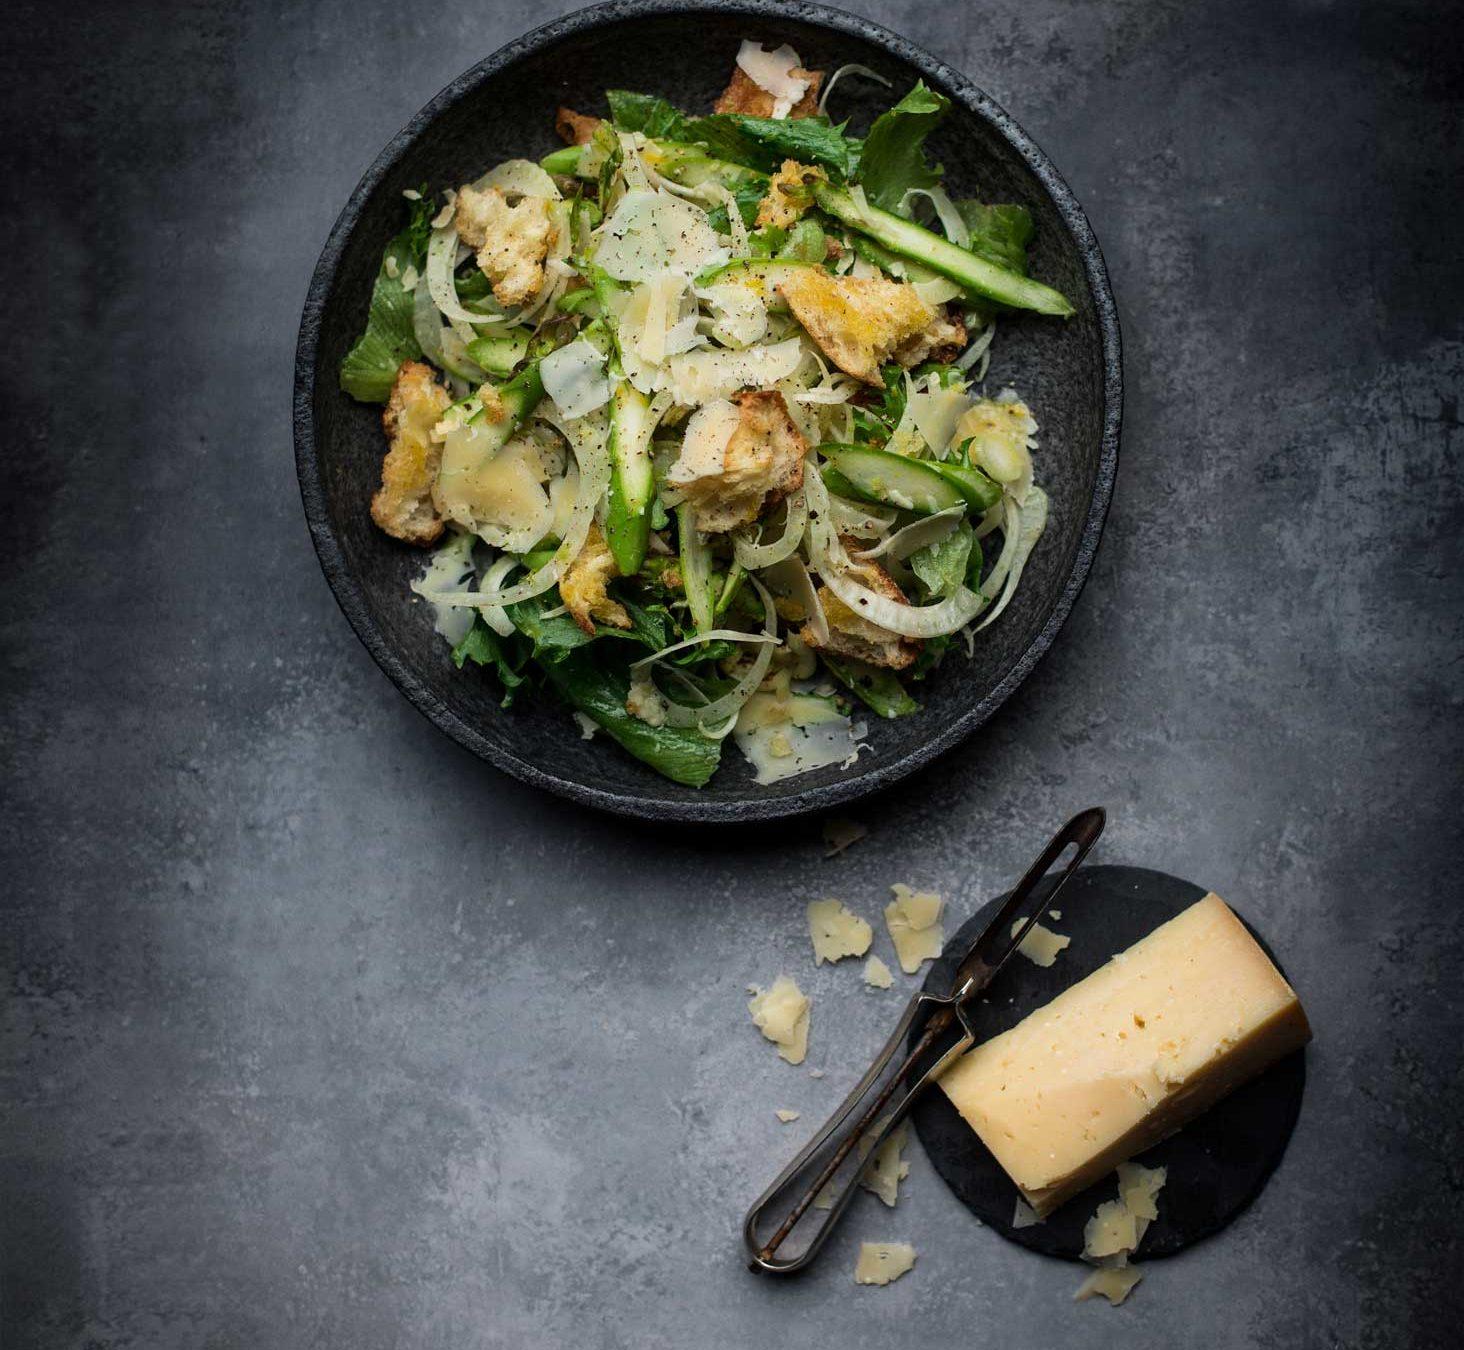 Sådan laver du en sprød salat med asparges, fennikel og frillicesalat, hård ost og croutoner. Få Mira Arkins opskrift på en grøn ret med ost.